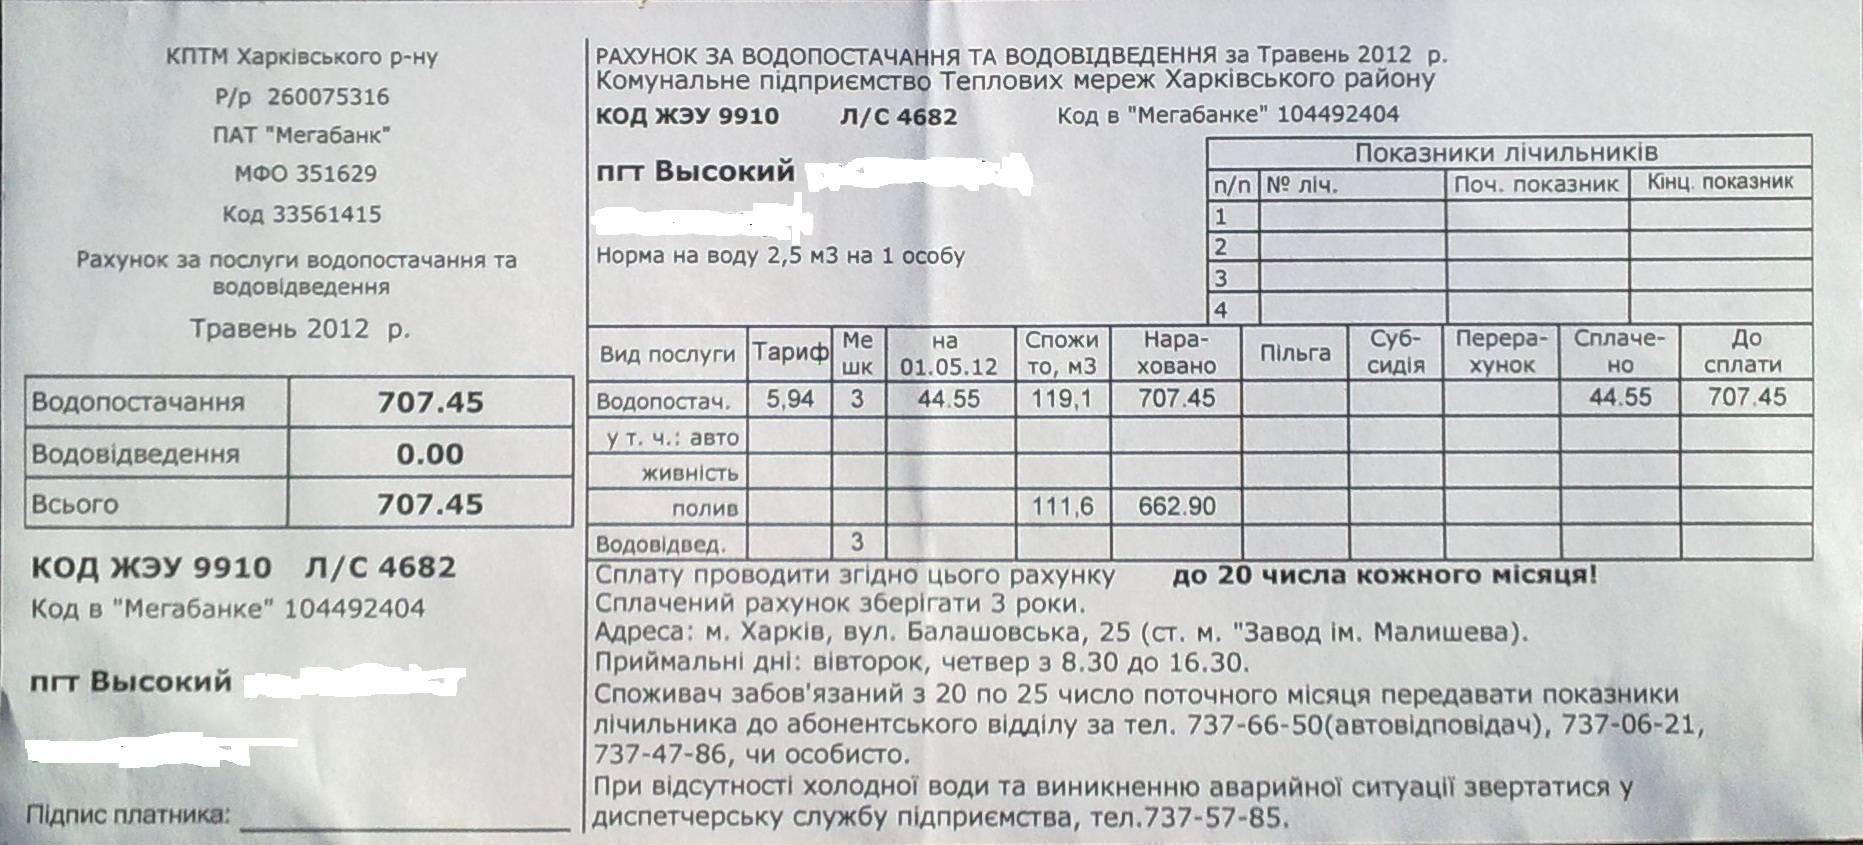 Оплата по счетчику воды: тарифы, принцип начисления счетов